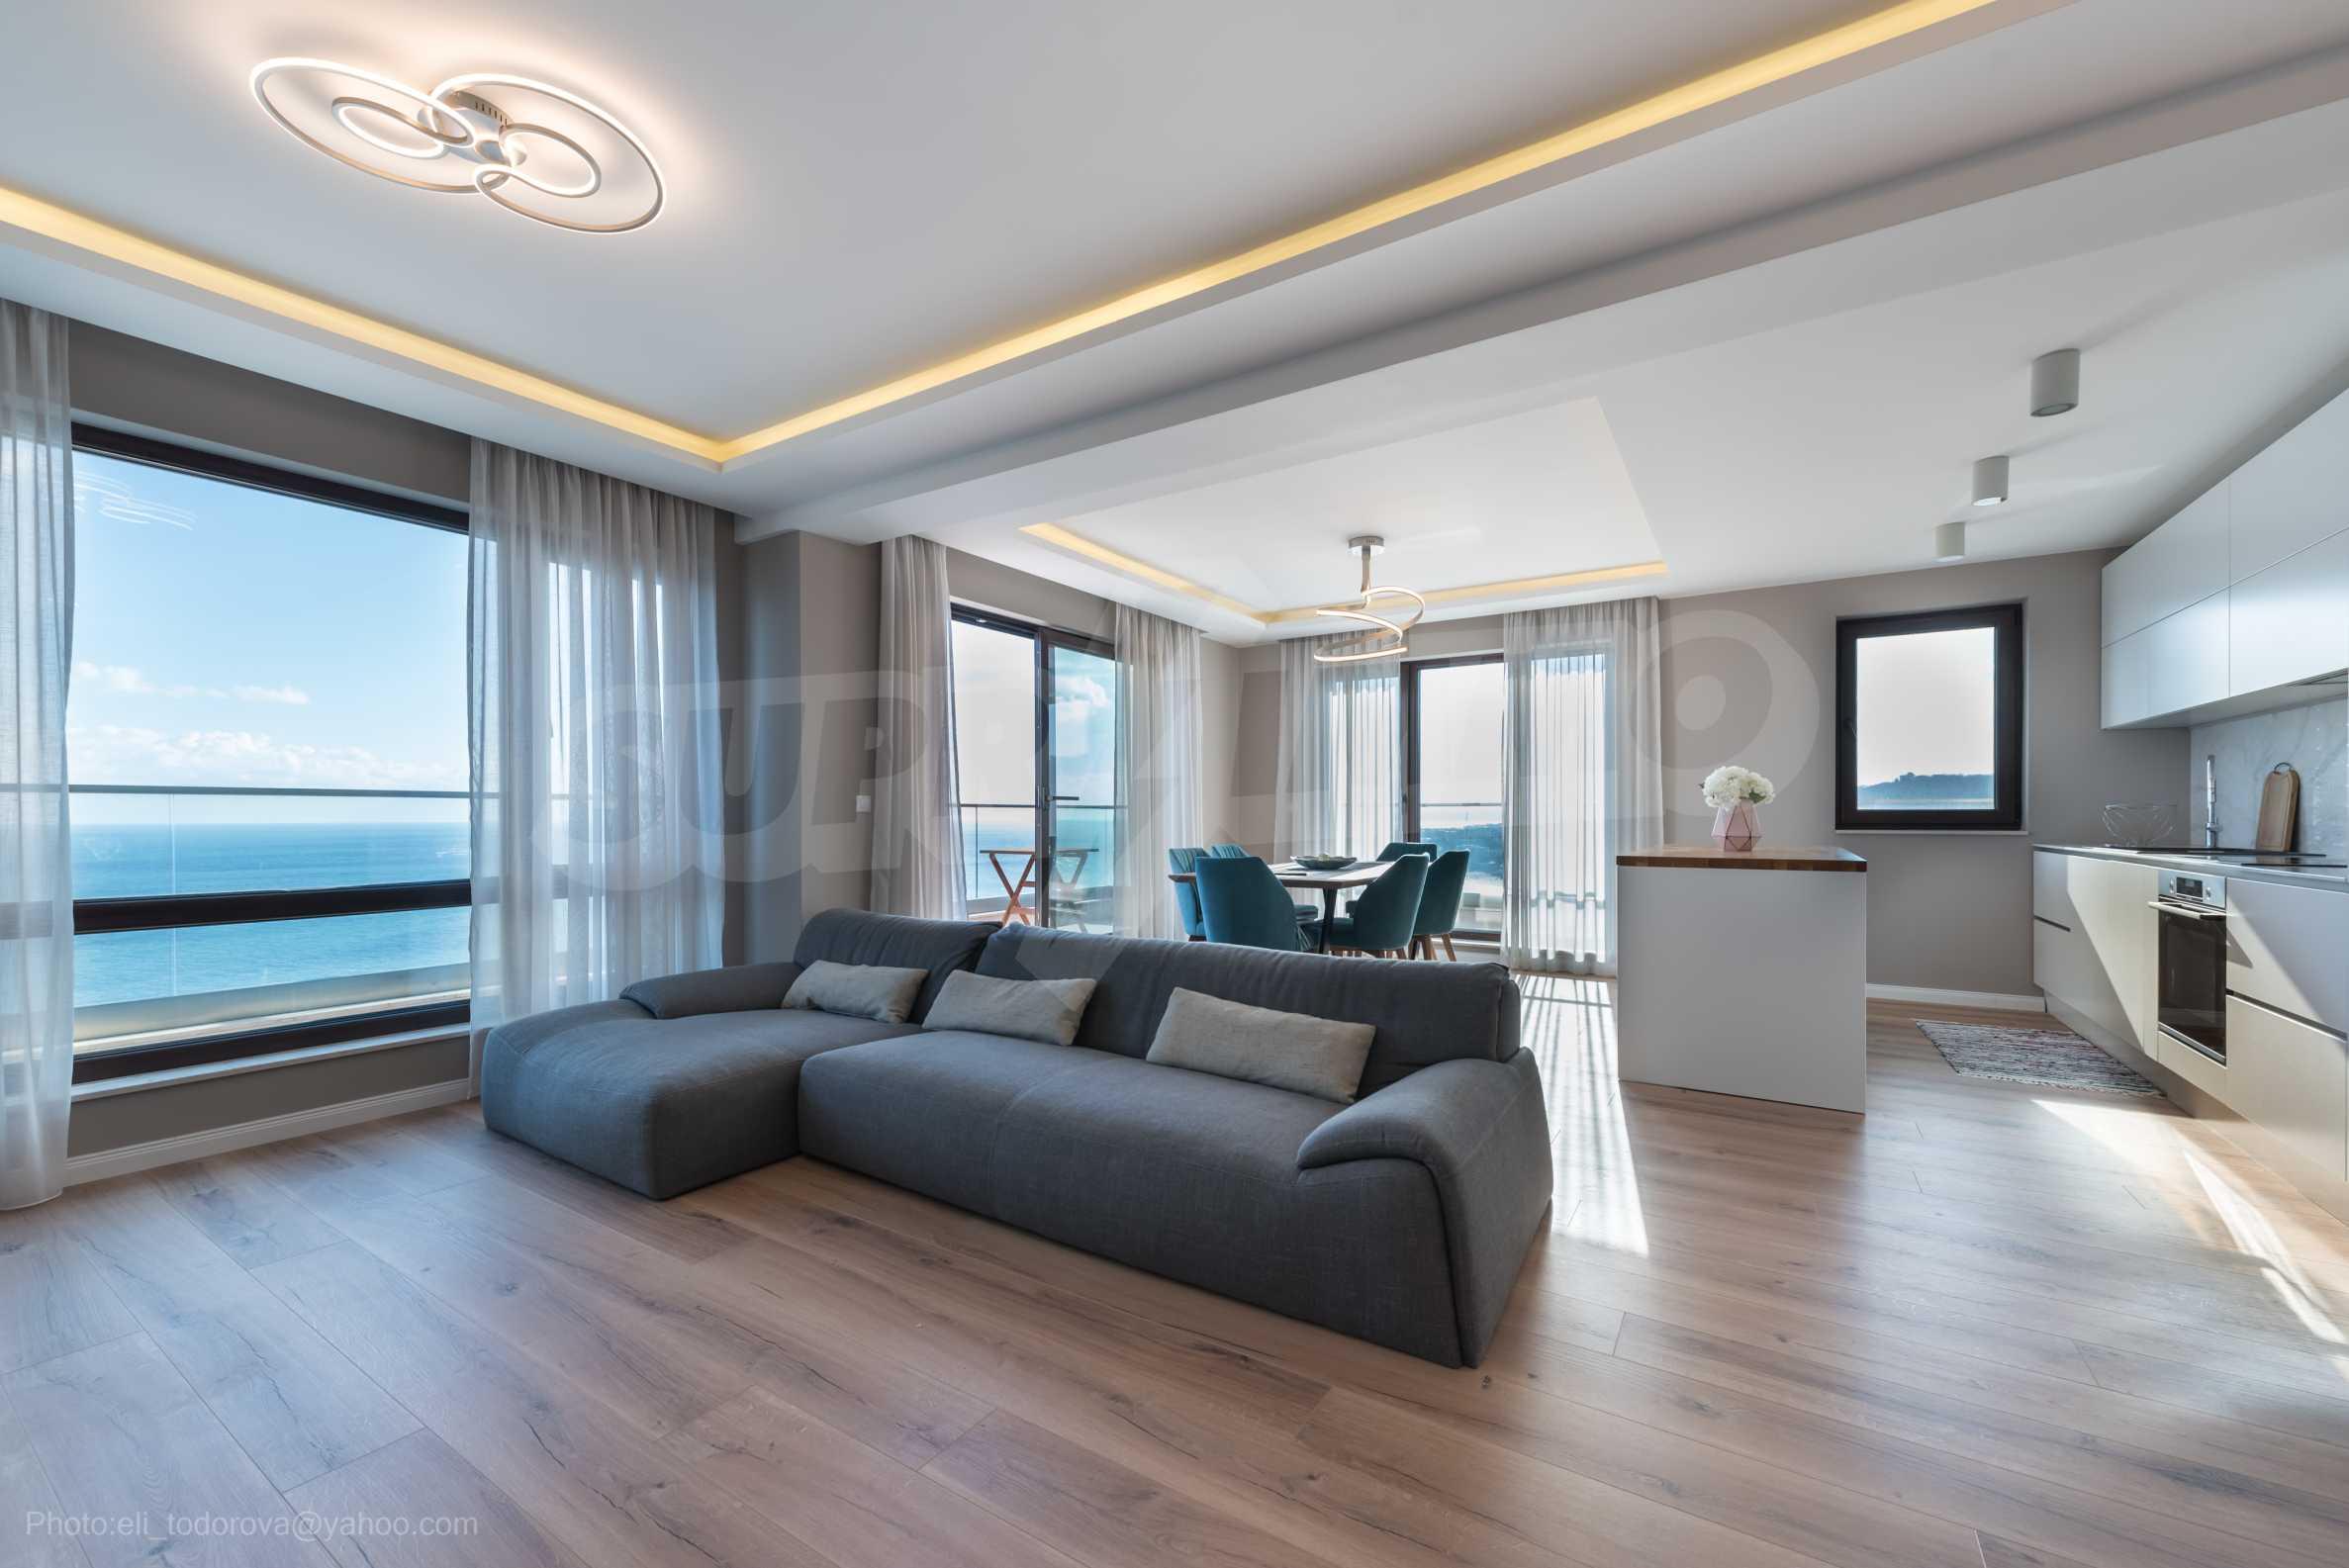 Апартамент Елеганс Вю - тристаен имот с уникална гледка към морето